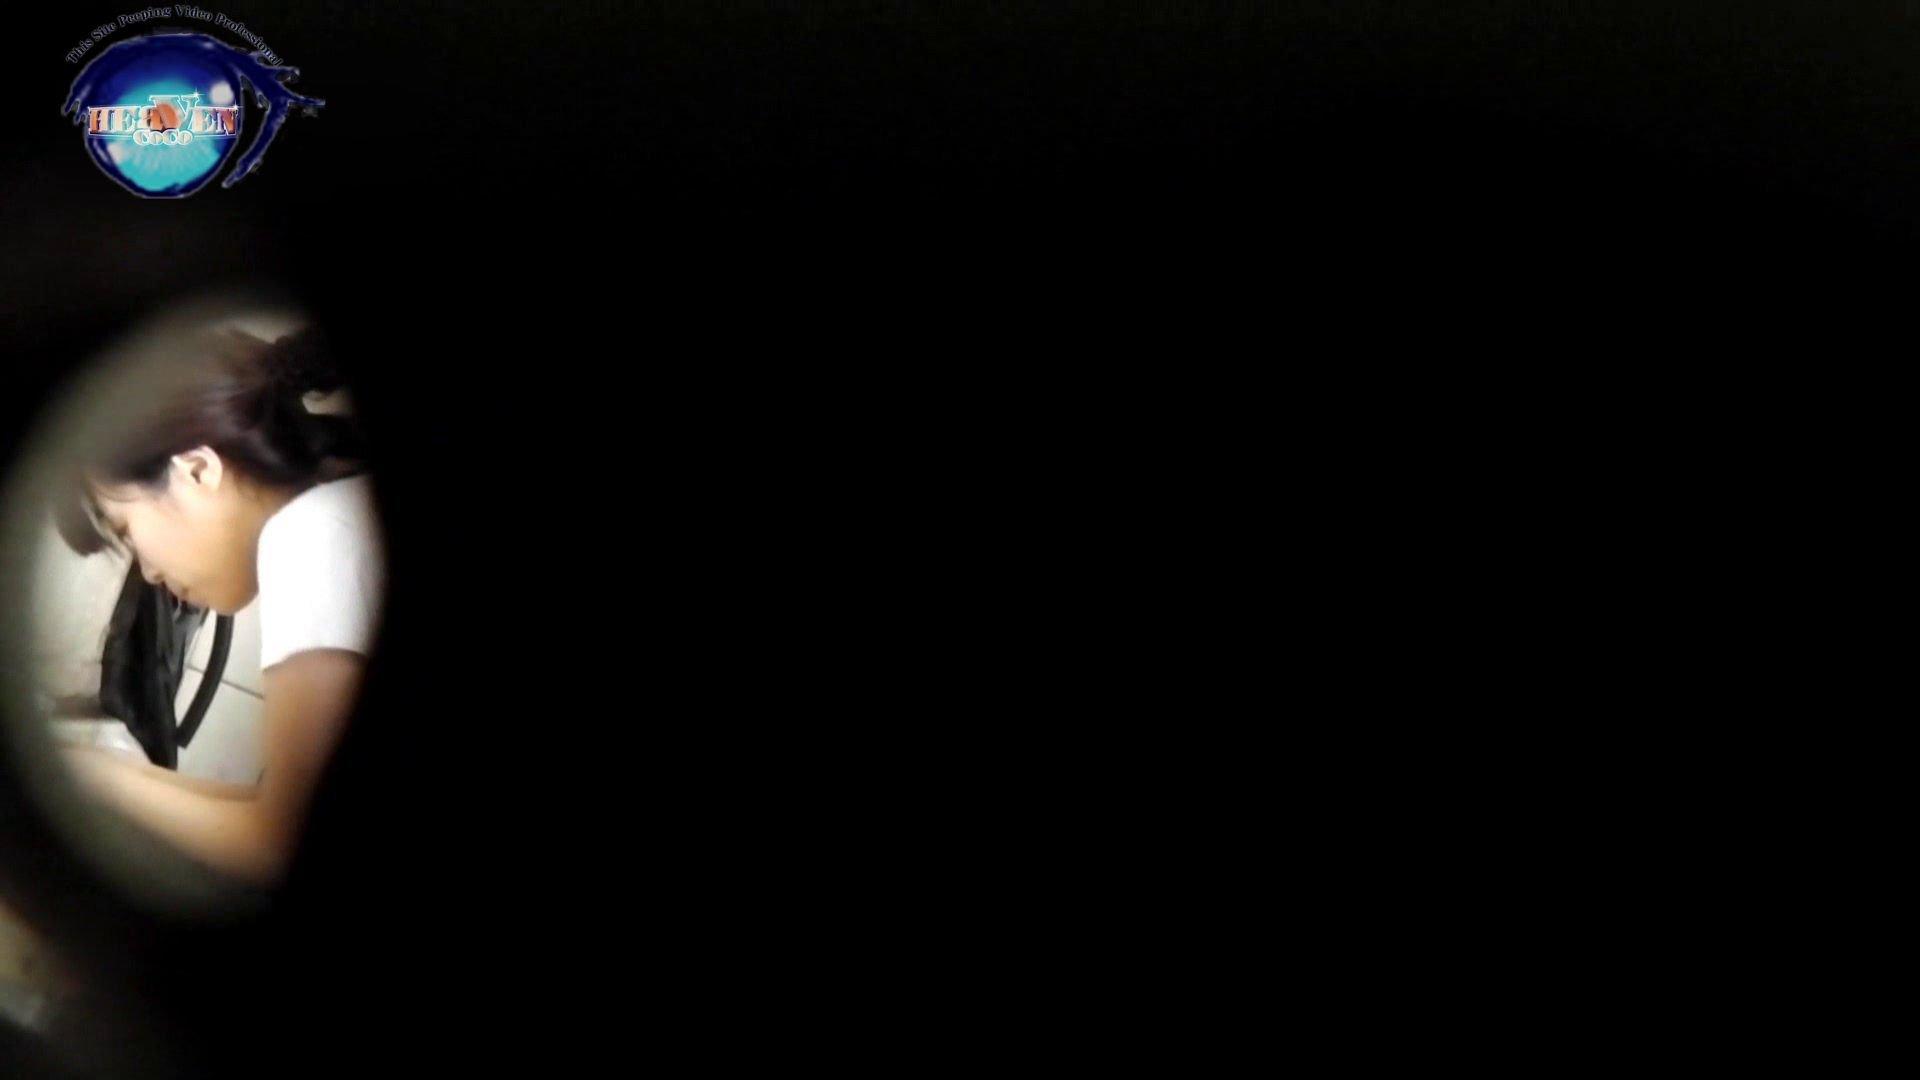 世界の射窓からステーション編 vol.30 割り込みに怒った美女!後編 美女エロ画像   OLエロ画像  41PICs 7